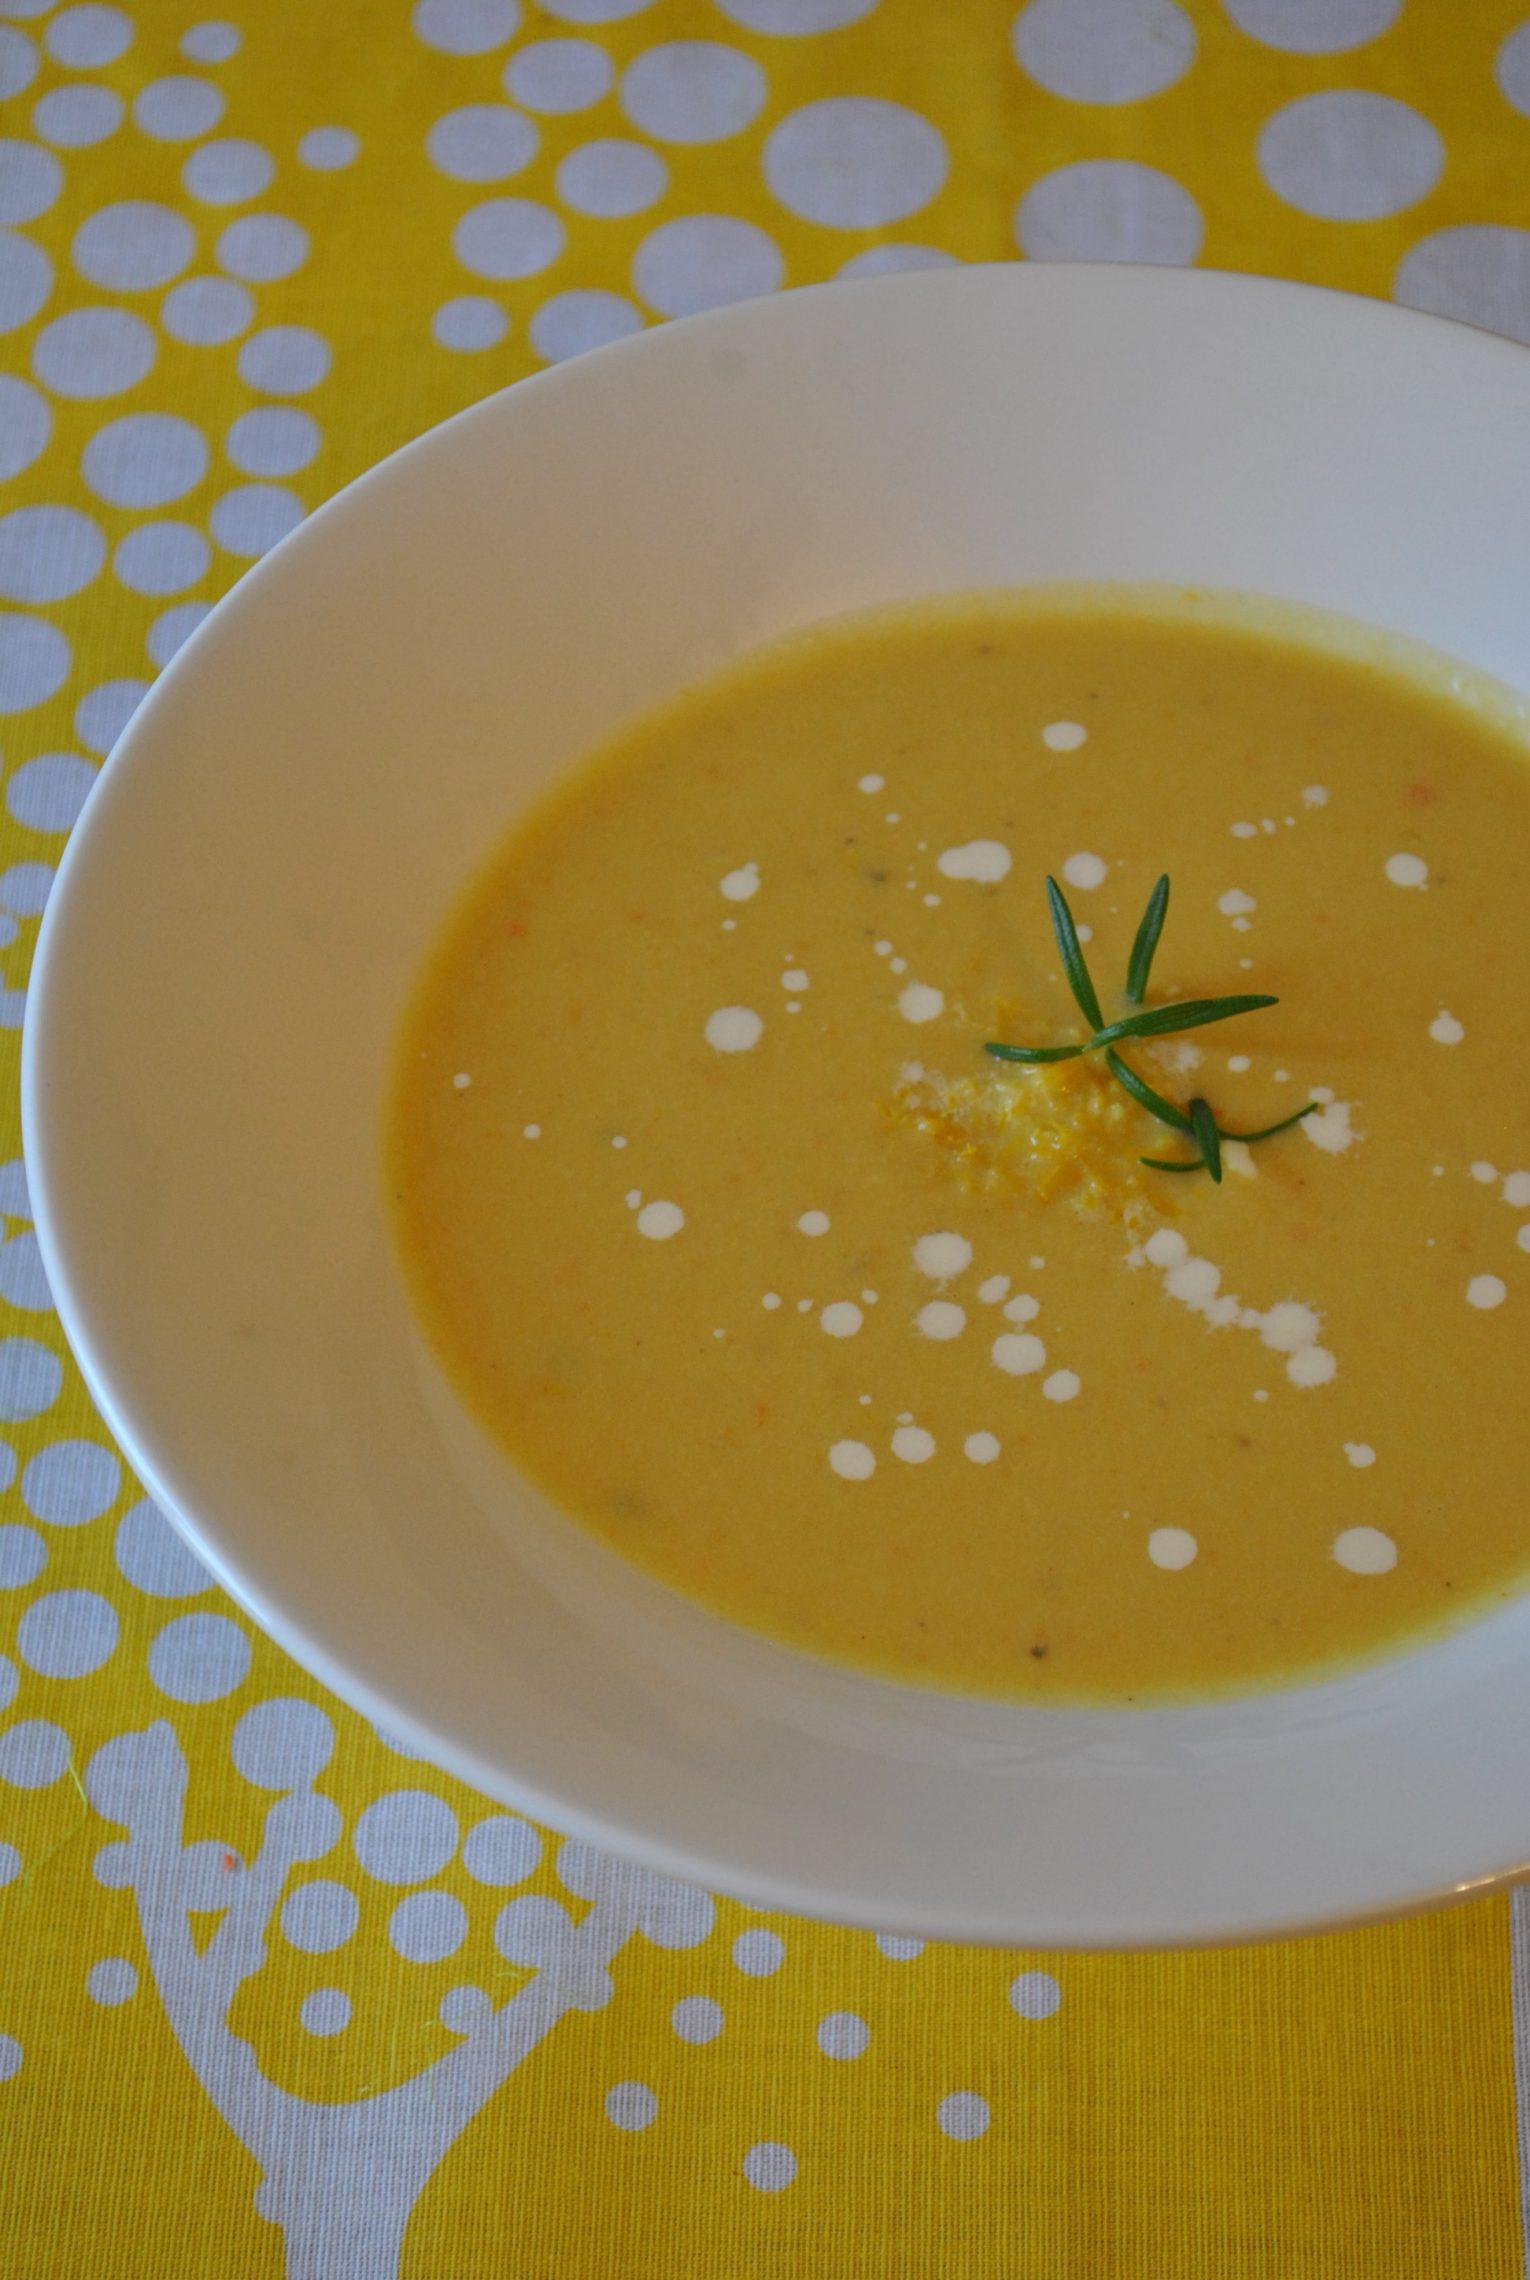 Zupa cytrynowo - chrzanowa w swojej słonecznej barwie